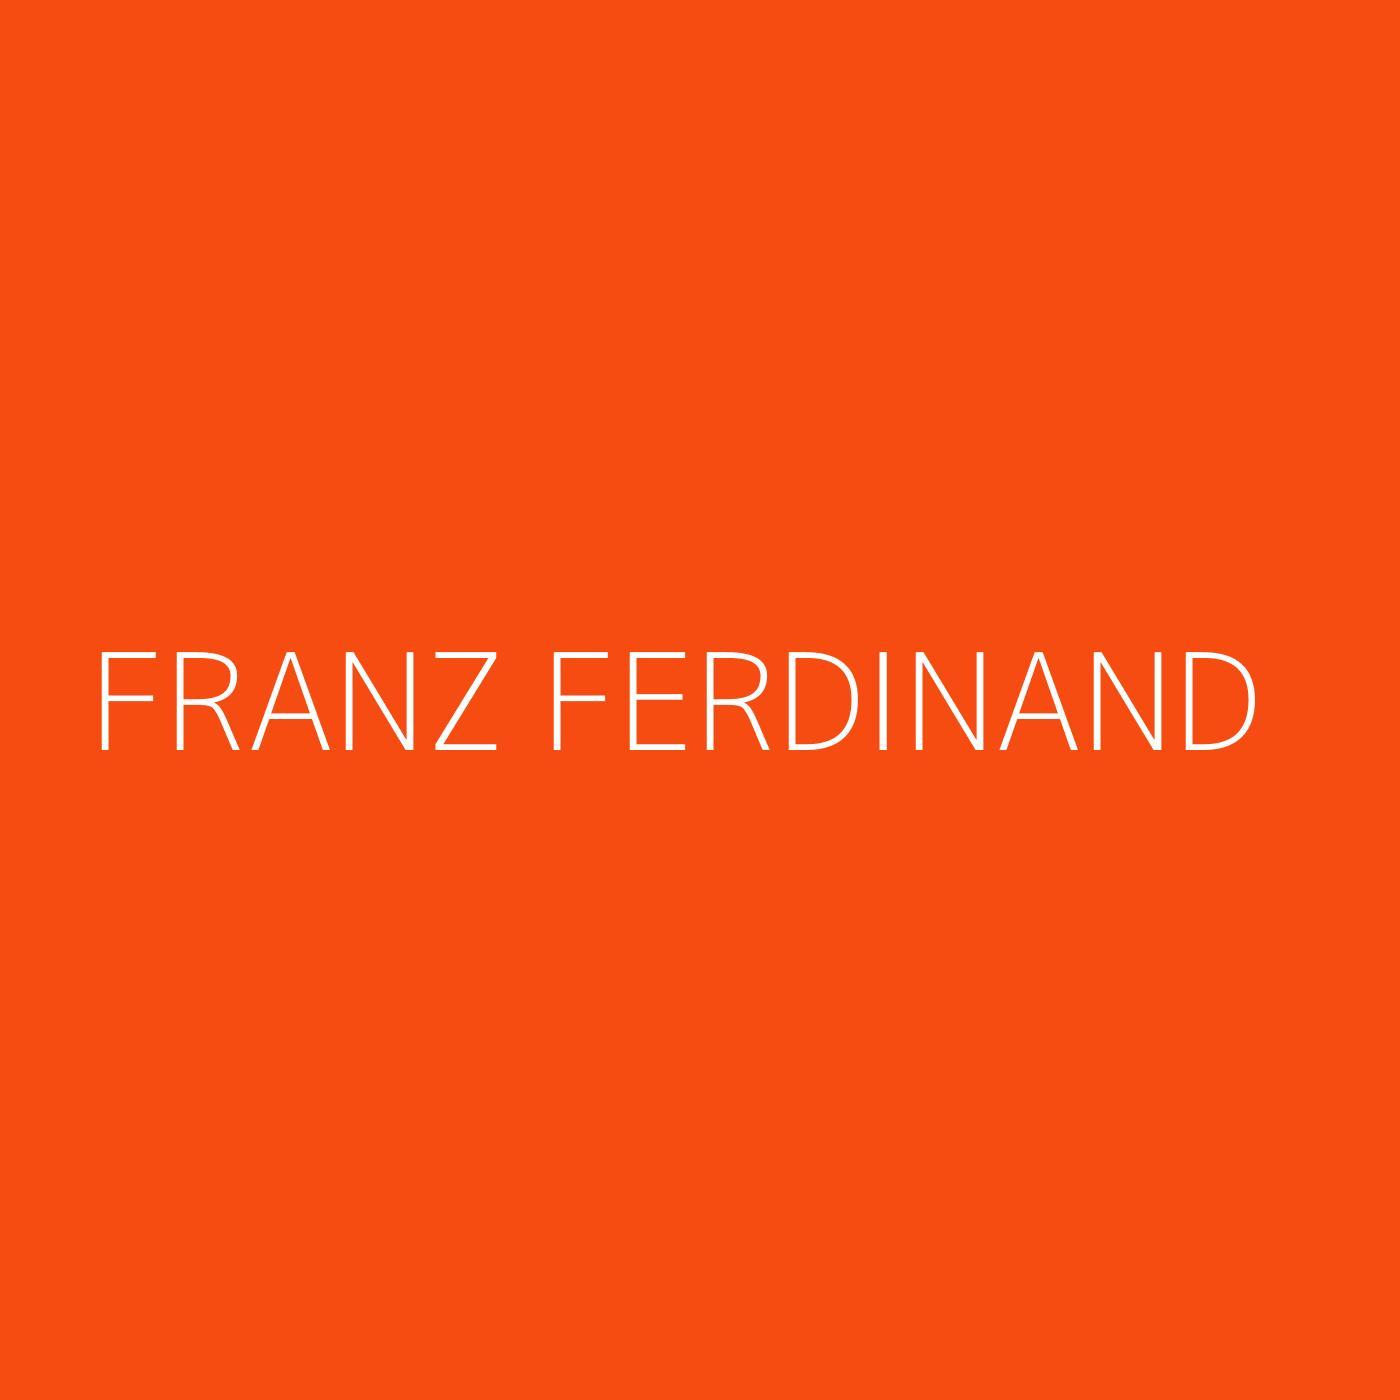 Franz Ferdinand Playlist Artwork